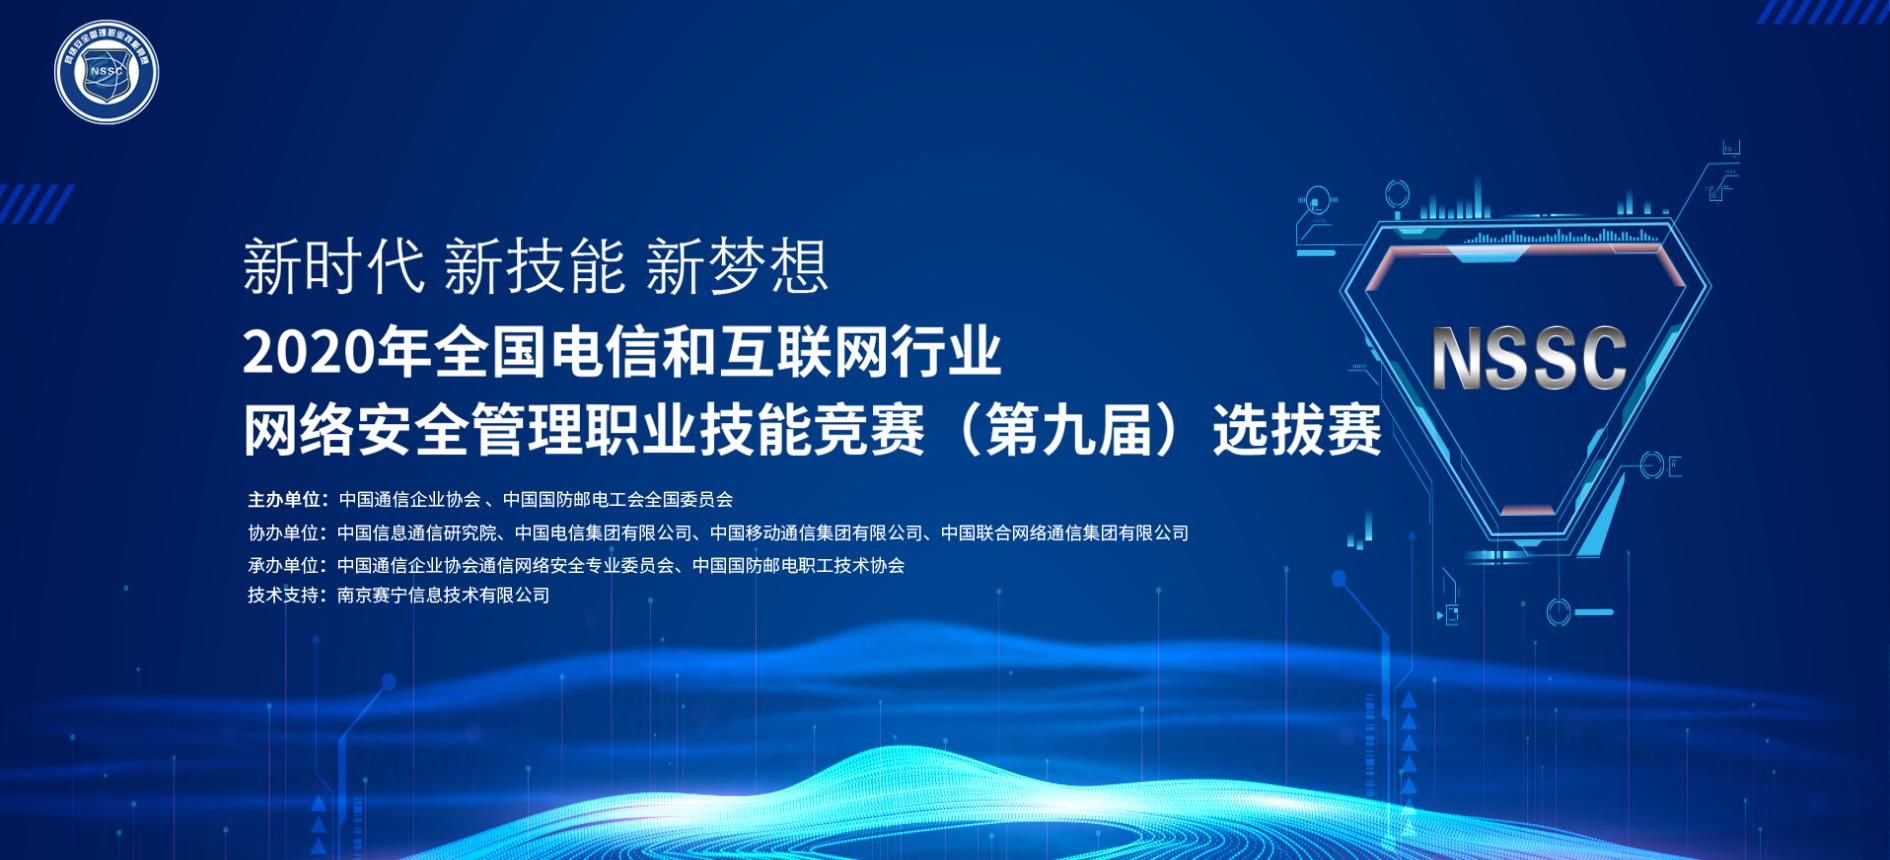 2020第九届全国电信互联网网安竞赛WP